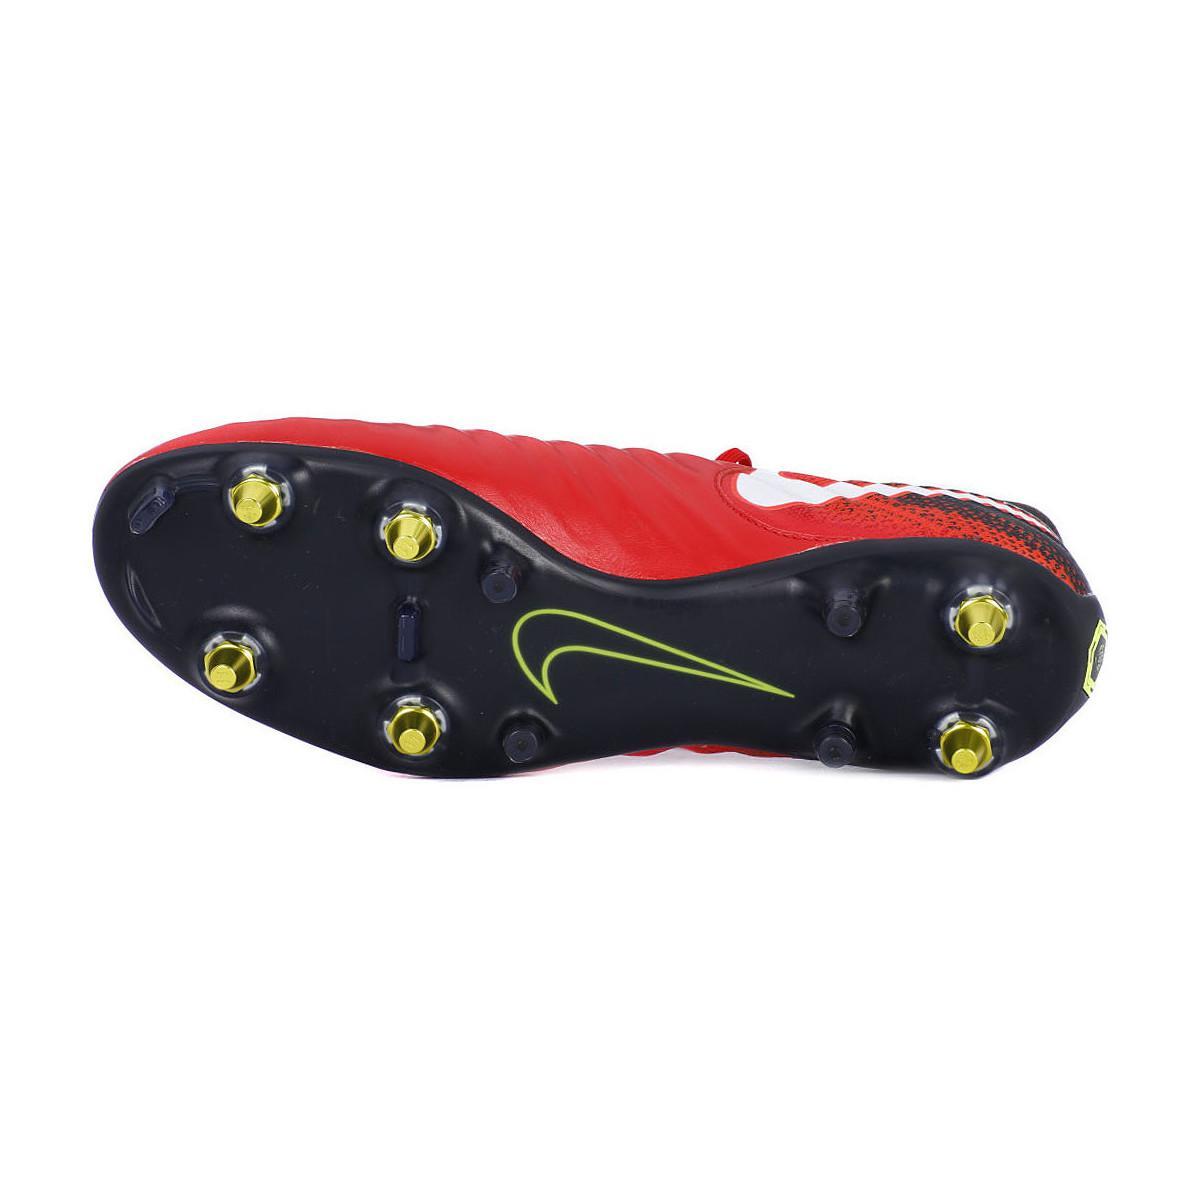 buy popular 5f398 f57e7 TIEMPO LEGEND VII SG PRO AC hommes Chaussures de foot en rouge Nike ...